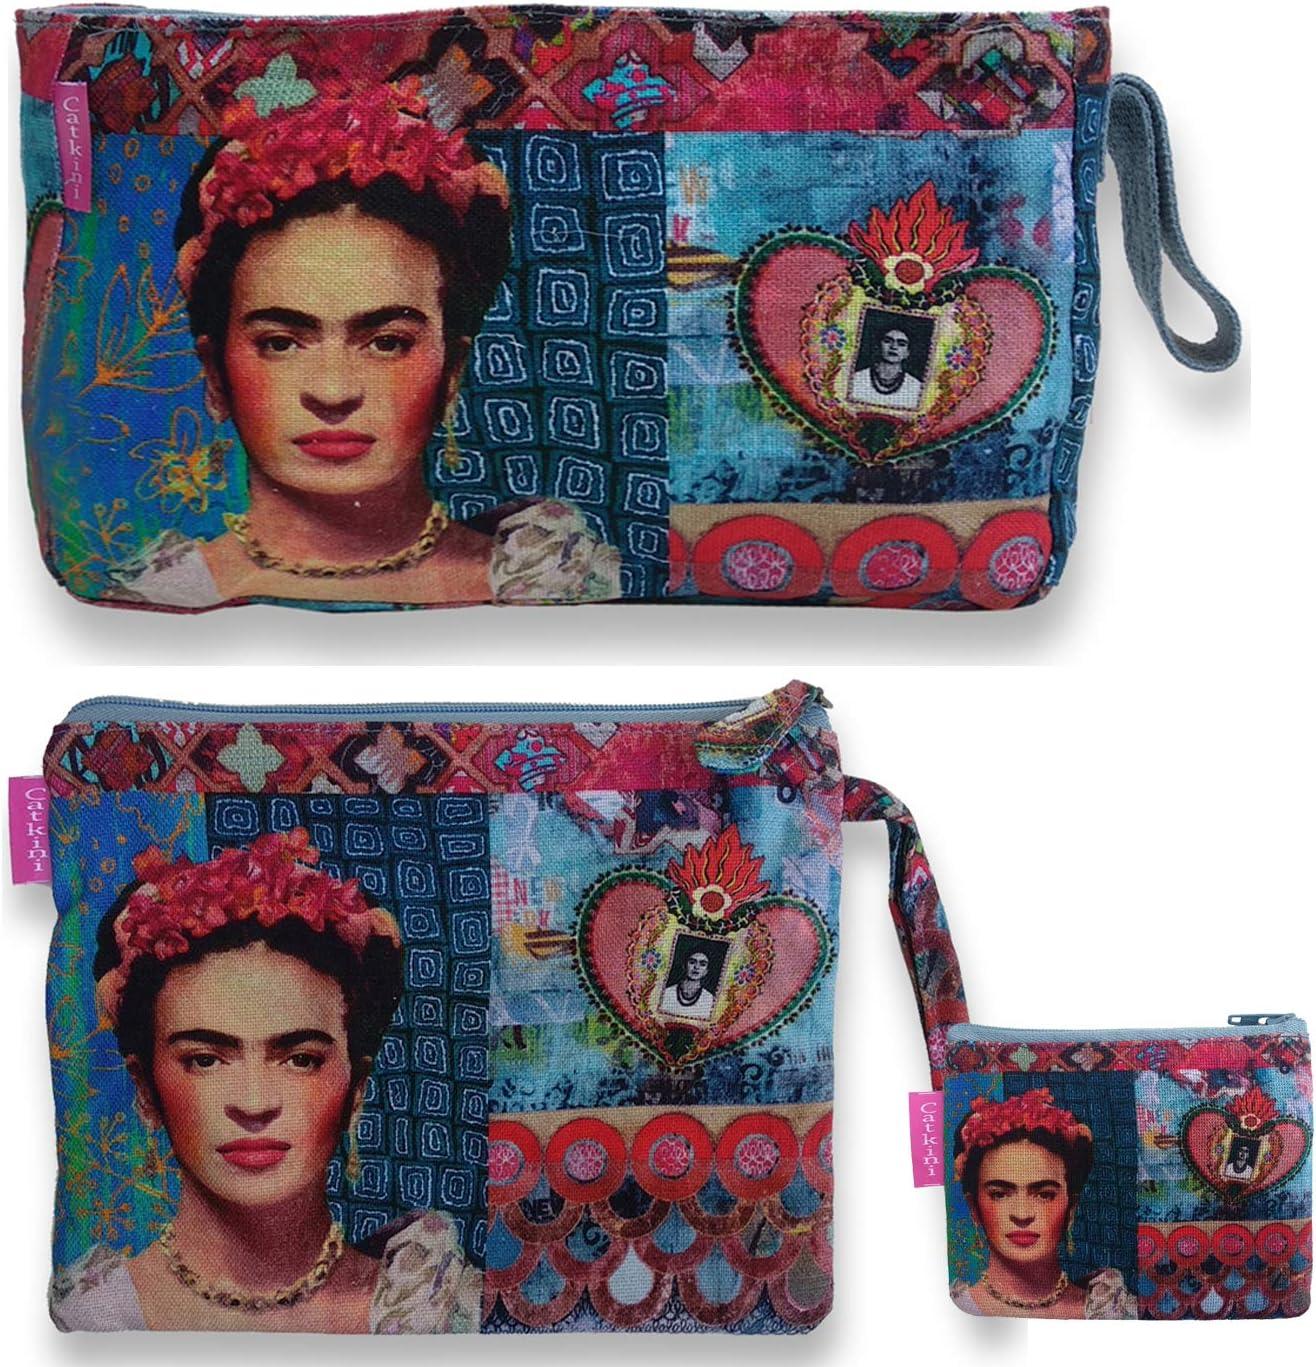 Bolso Aseo//Neceser Maquillaje Viaje//Set 3 Piezas Neceseres sobre Cartera y Monedero de Mujer Frida Kahlo.